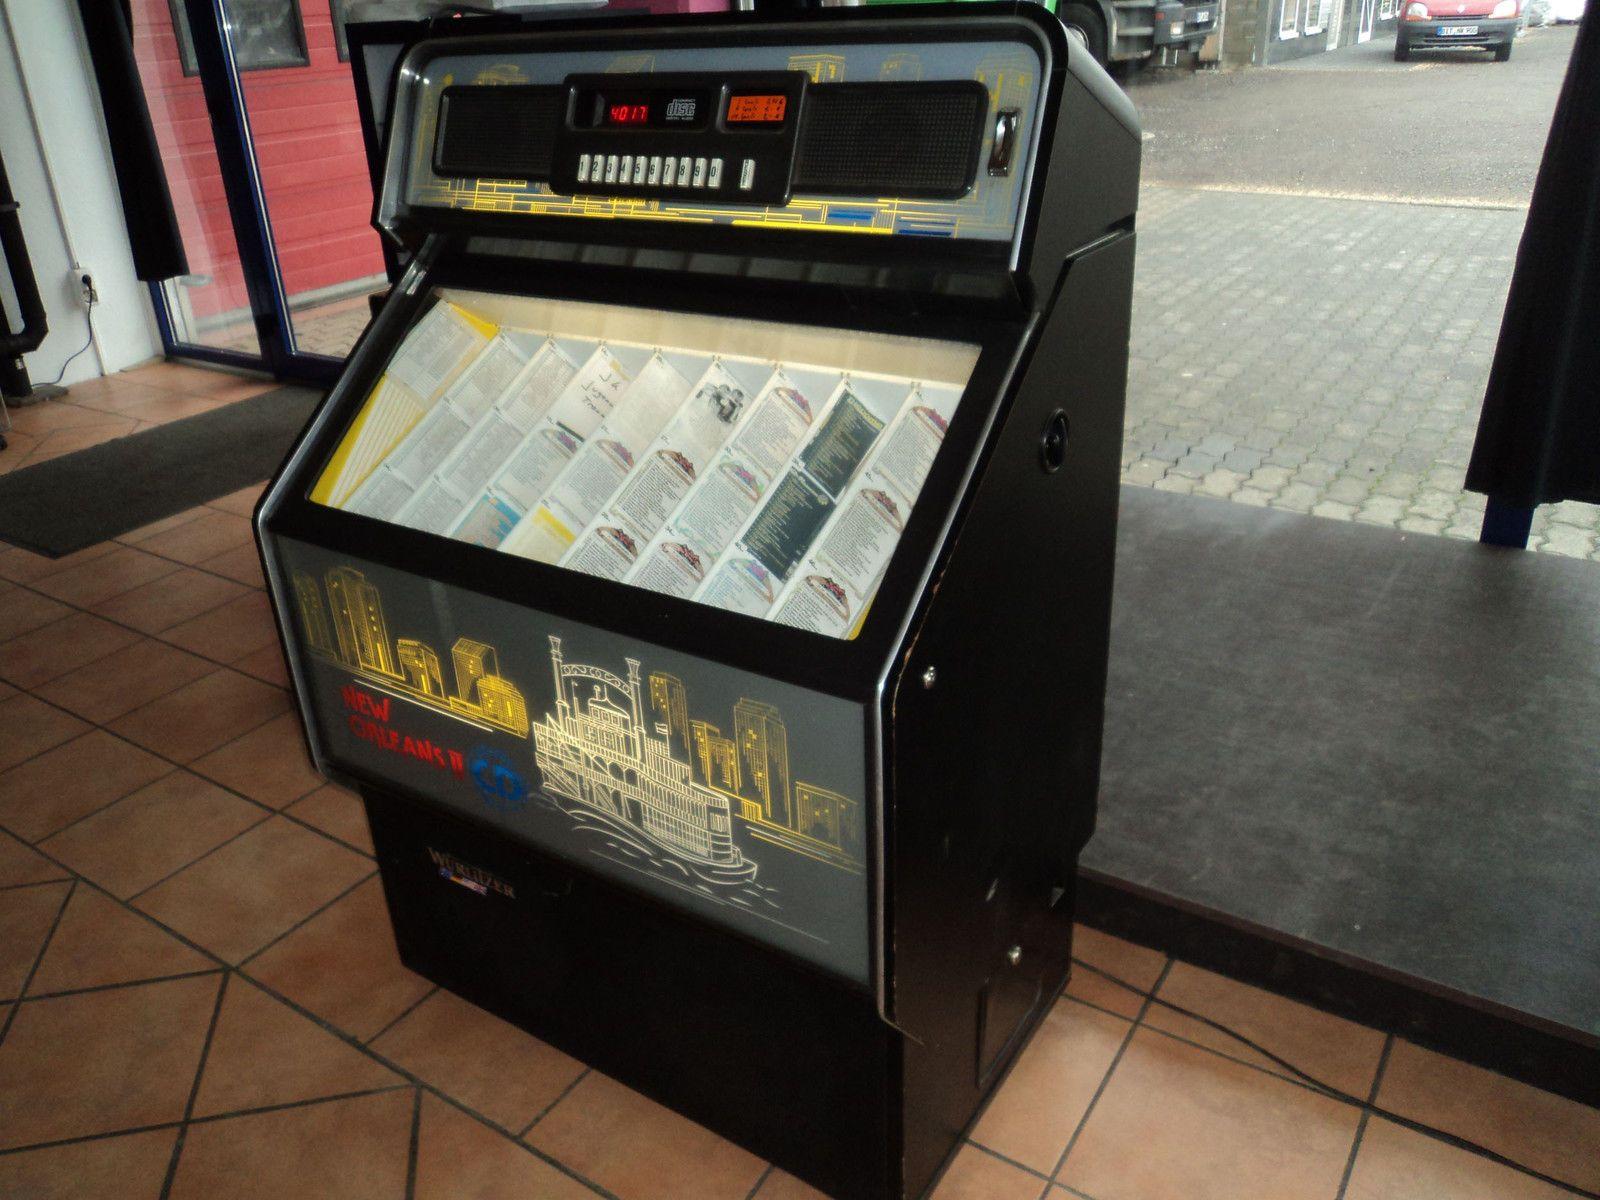 Gebraucht Sehr Selten Wurlitzer Jukebox Musikbox Modell Cdm4 I Mit Euro Munzschacht Sie Kaufen Hier Eine Einwandfrei F Musikbox Wolle Kaufen Geld Sparen